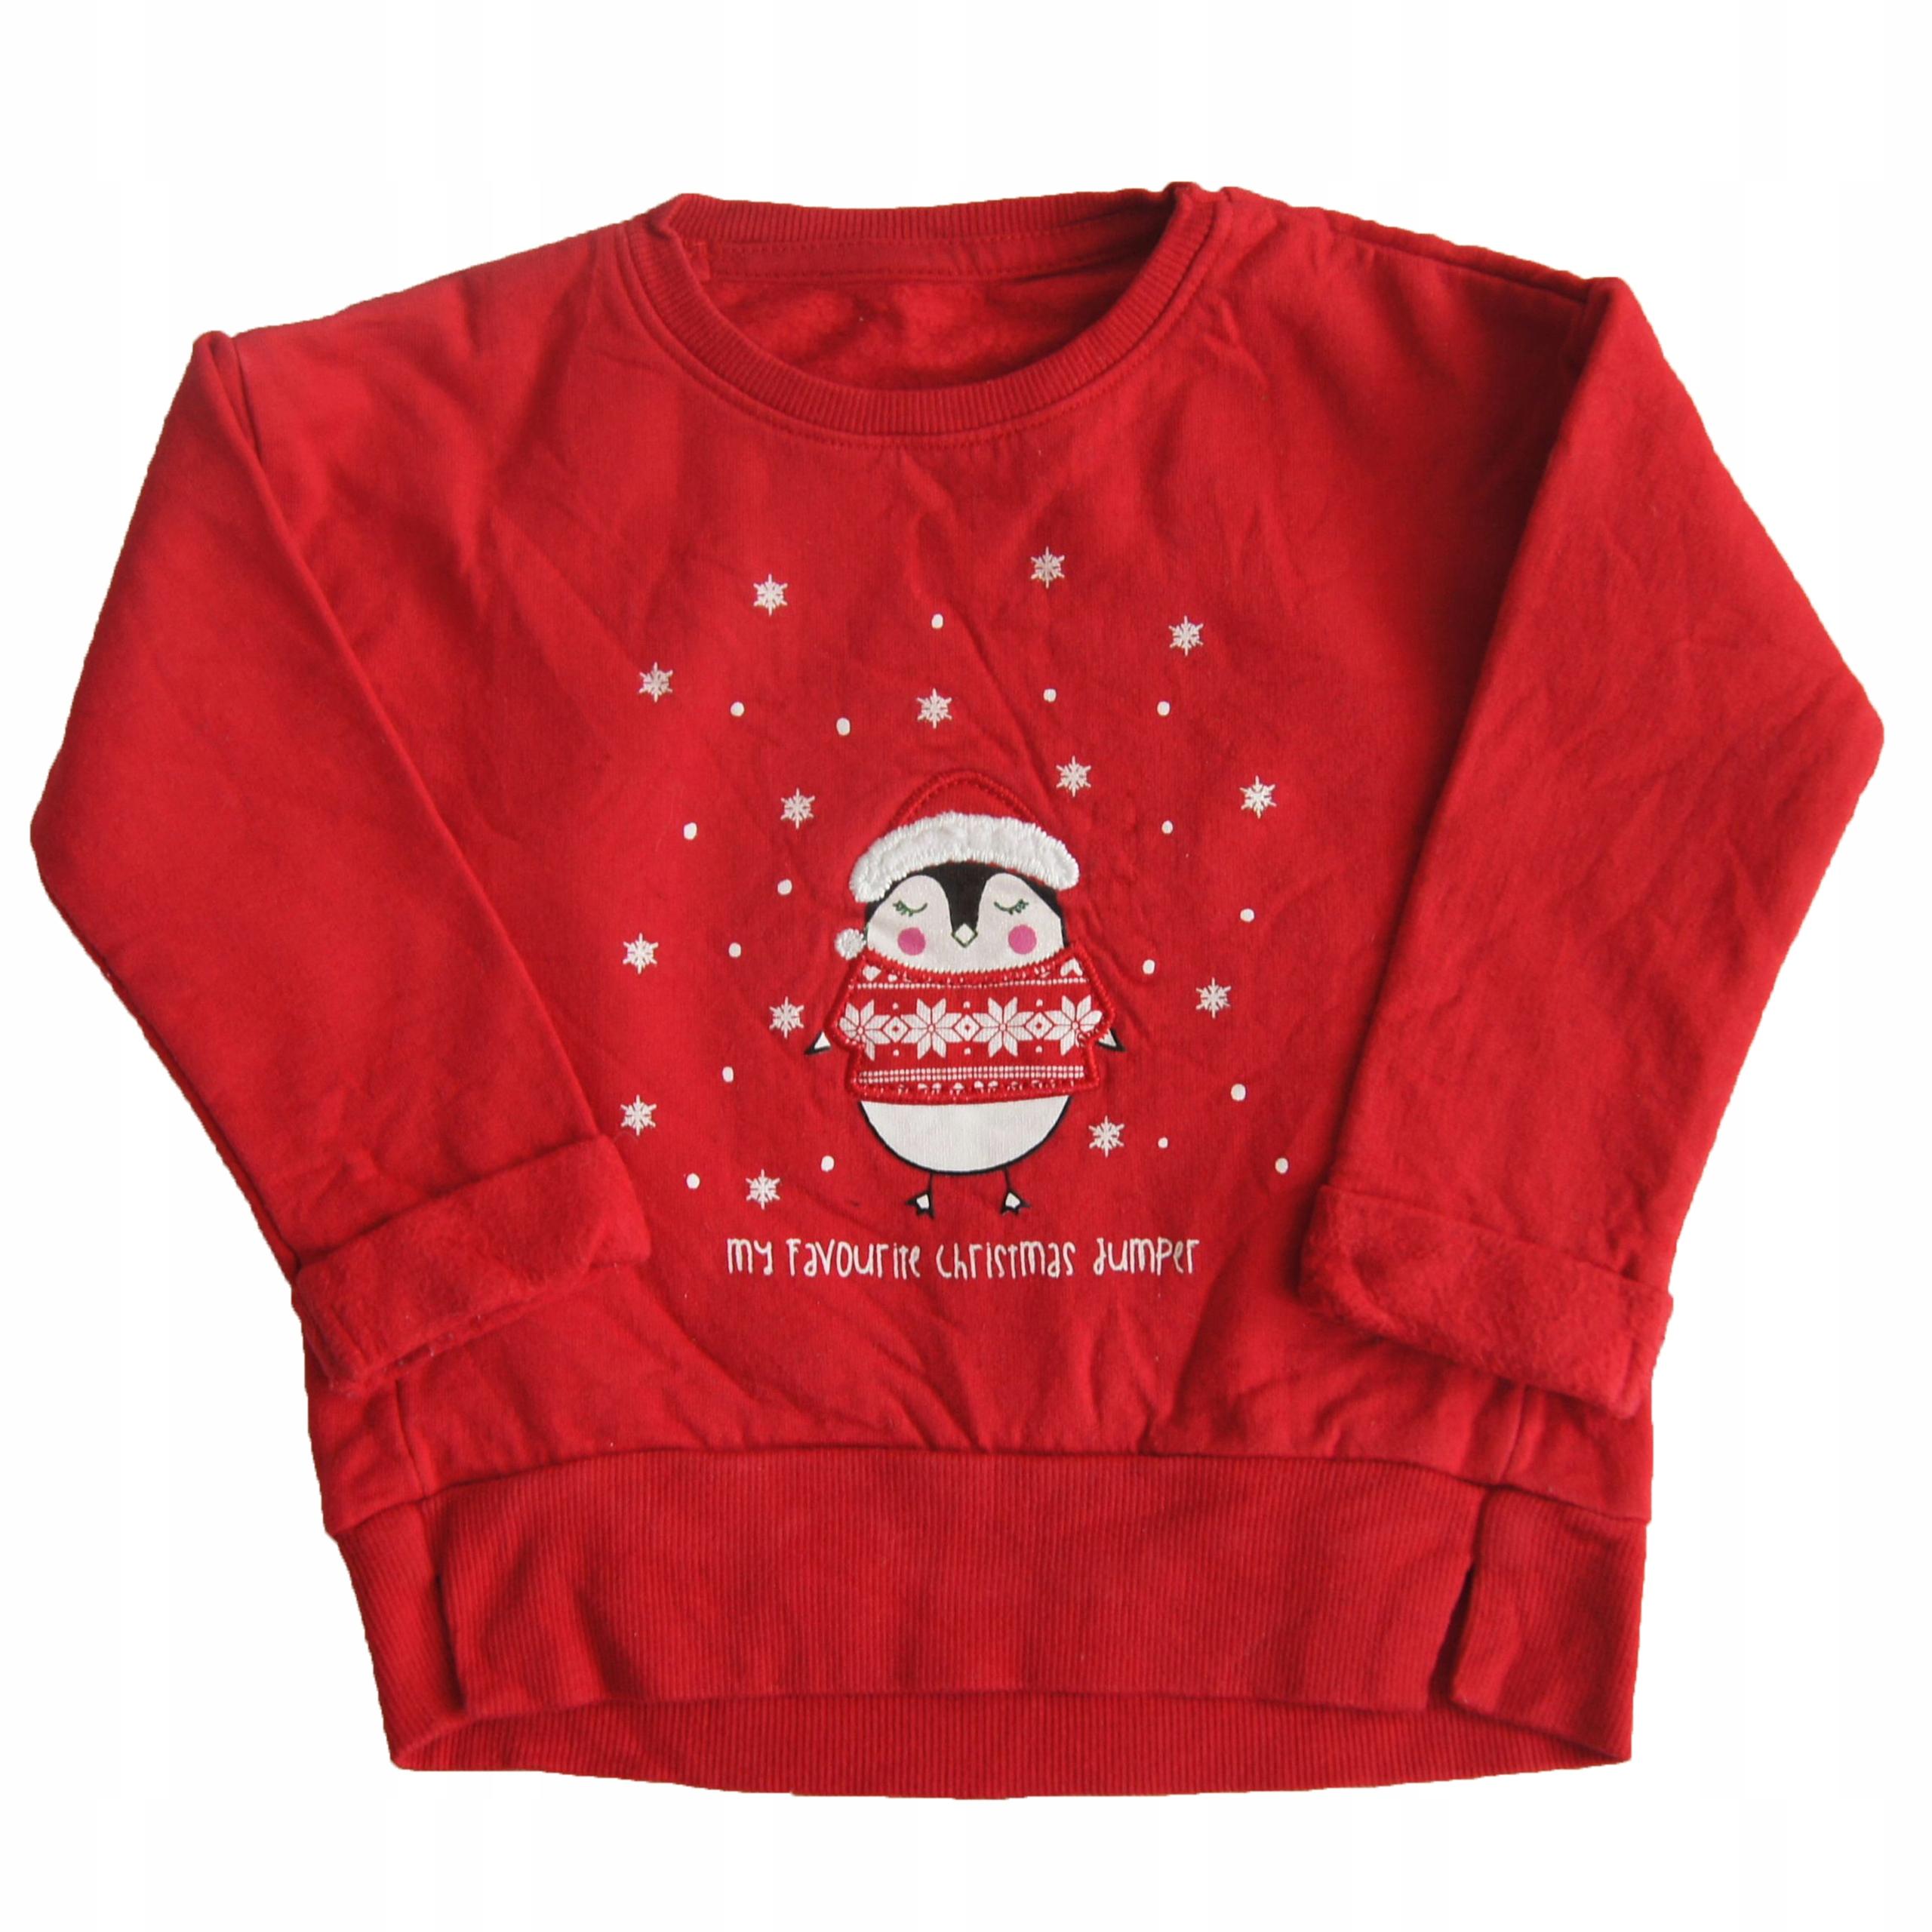 świąteczna Bluzka Dla Dziewczynki Chłopca Roz 86 7659482650 Allegro Pl